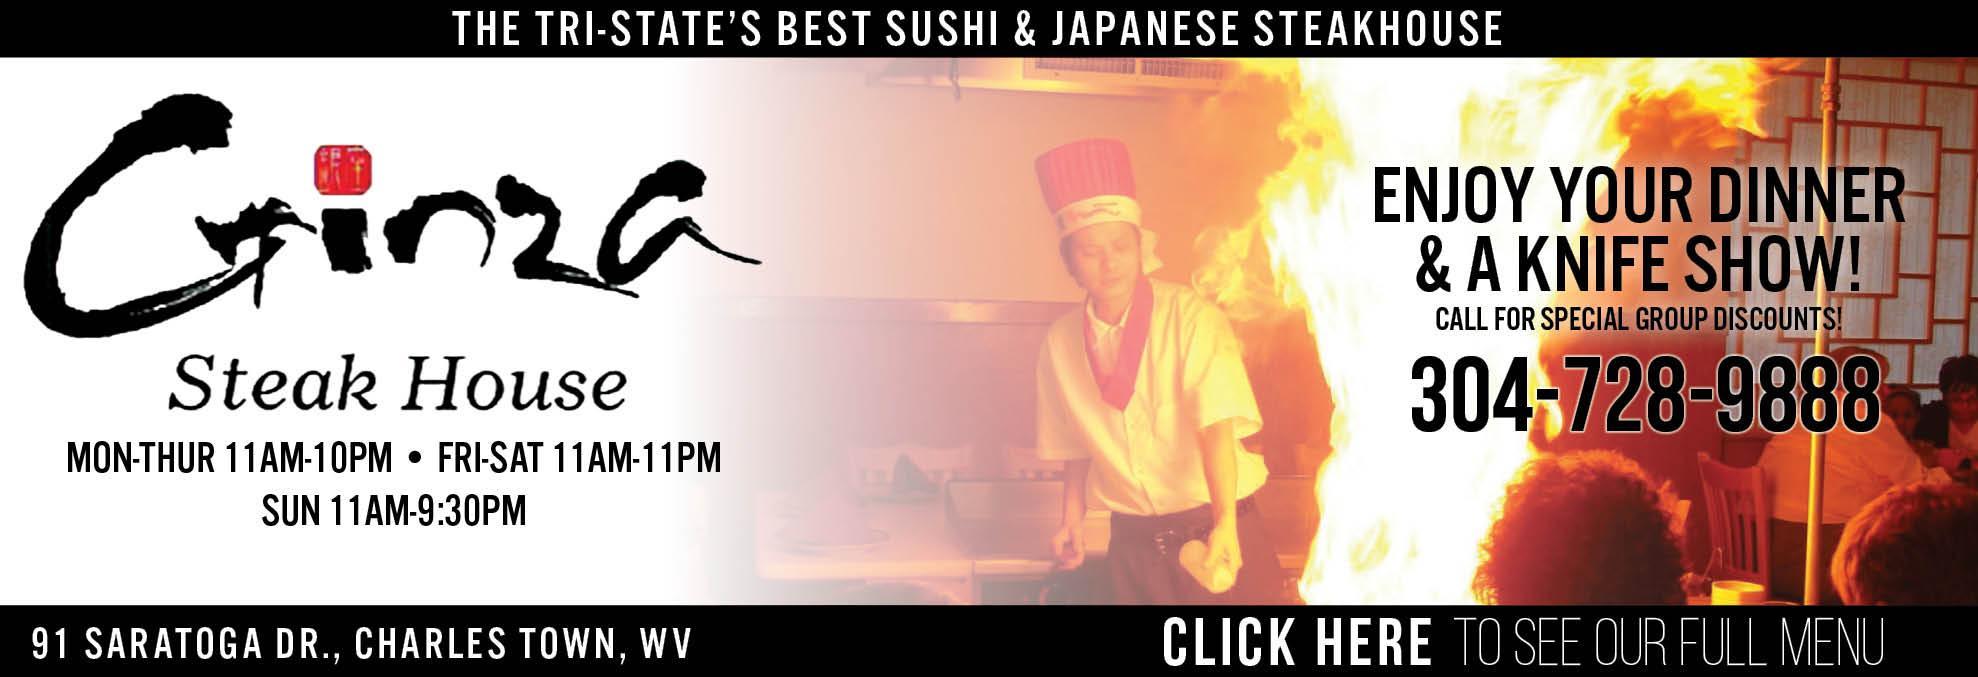 Hibachi, Sushi, Dinner, Lunch, Japanese, Asian, Cuisine, Steak, Steak House